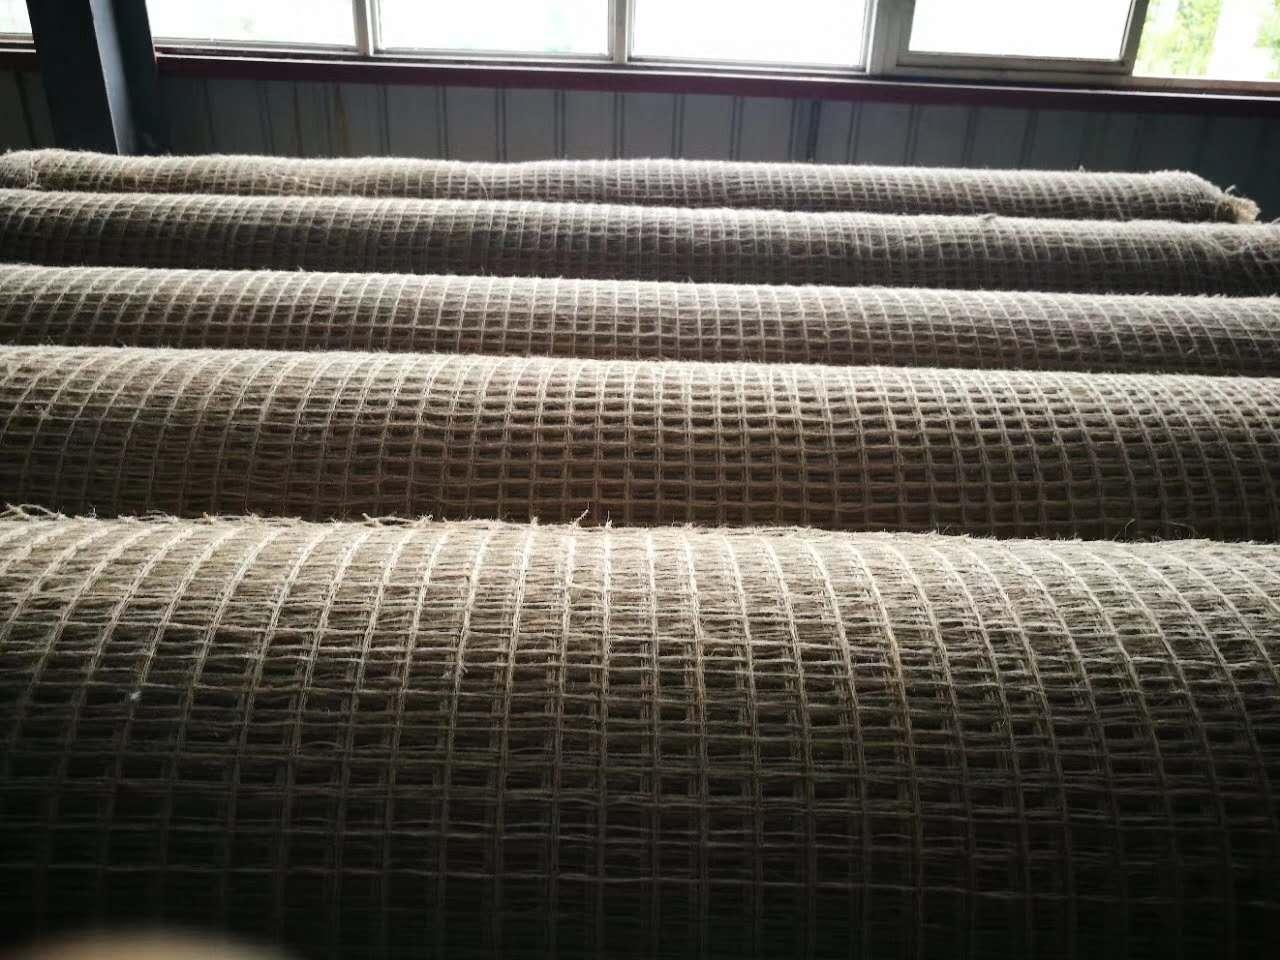 黄麻网格布哪里有-宇海纺织提供合格的黄麻网格布产品